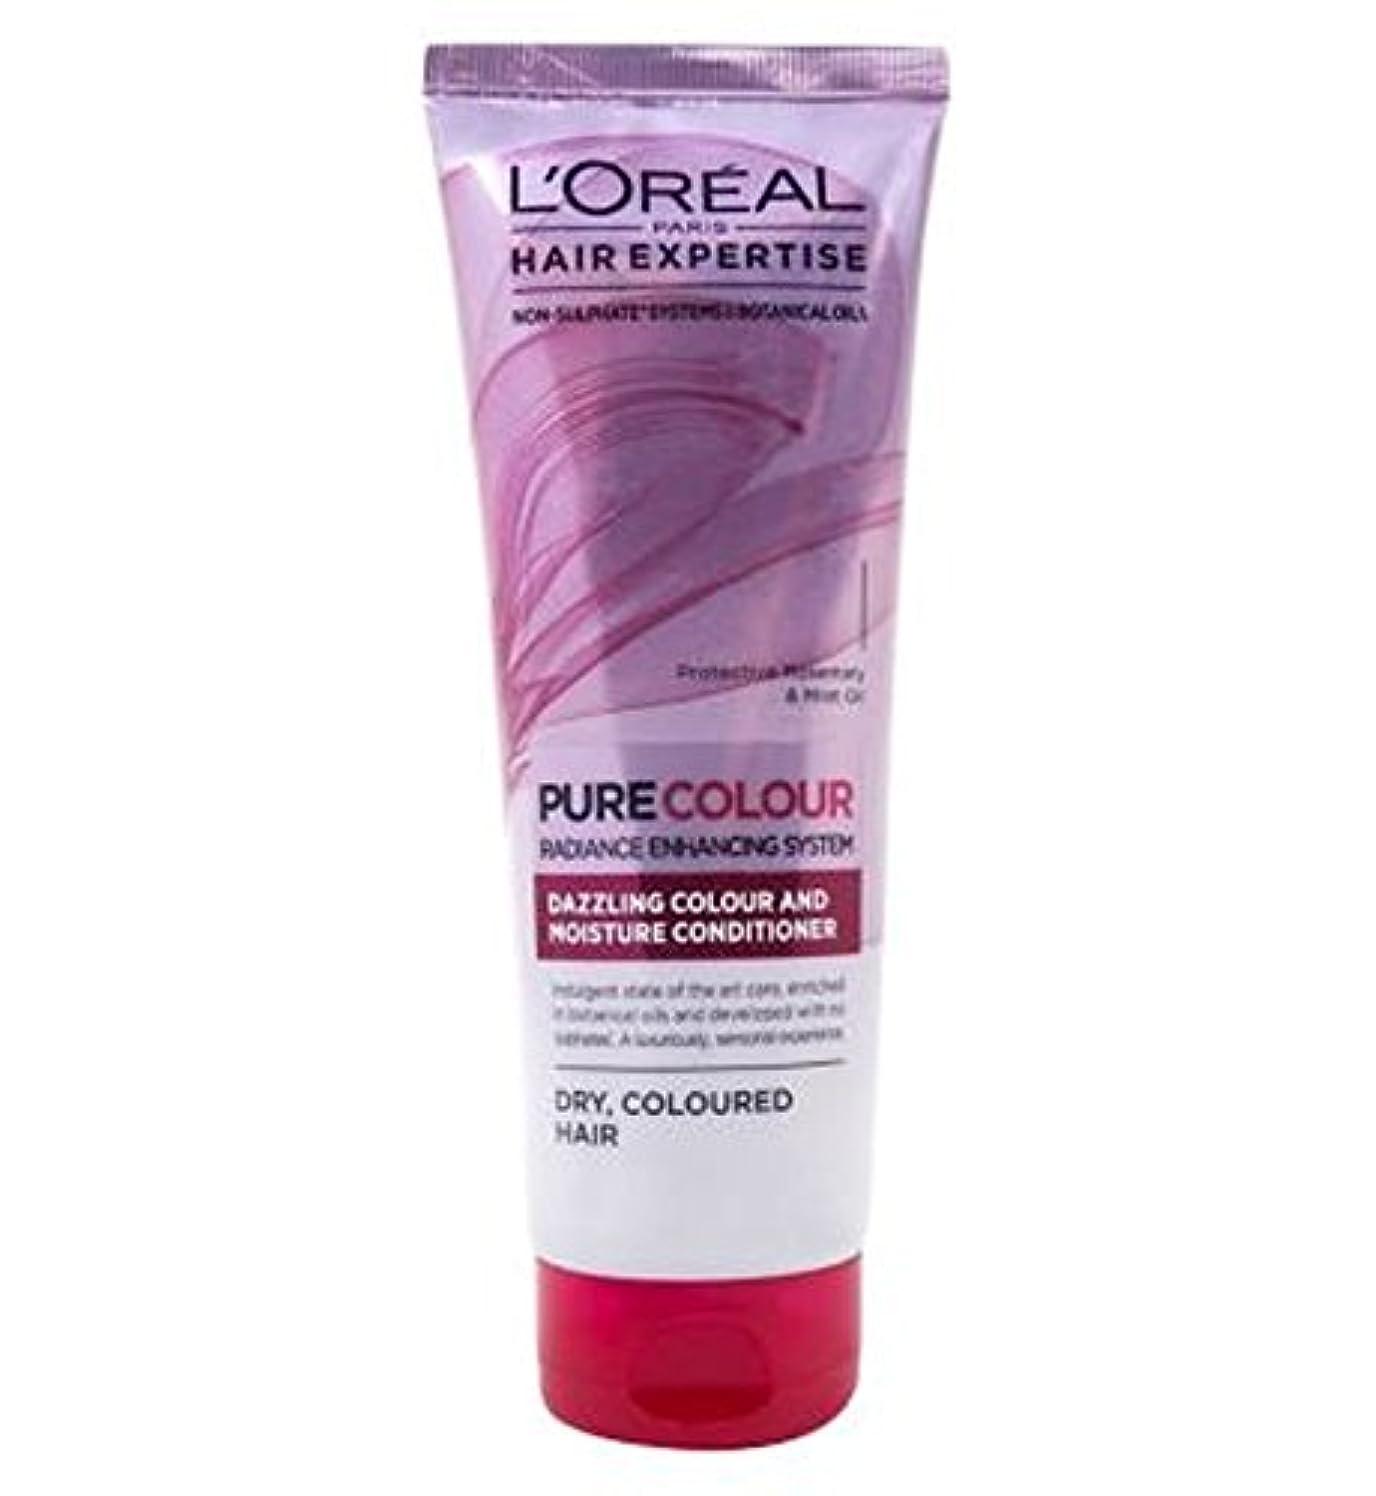 フィードバック不可能な前部ロレアルパリの髪の専門知識の超純粋なカラーケア&水分コンディショナー250Ml (L'Oreal) (x2) - L'Oreal Paris Hair Expertise SuperPure Colour Care &...